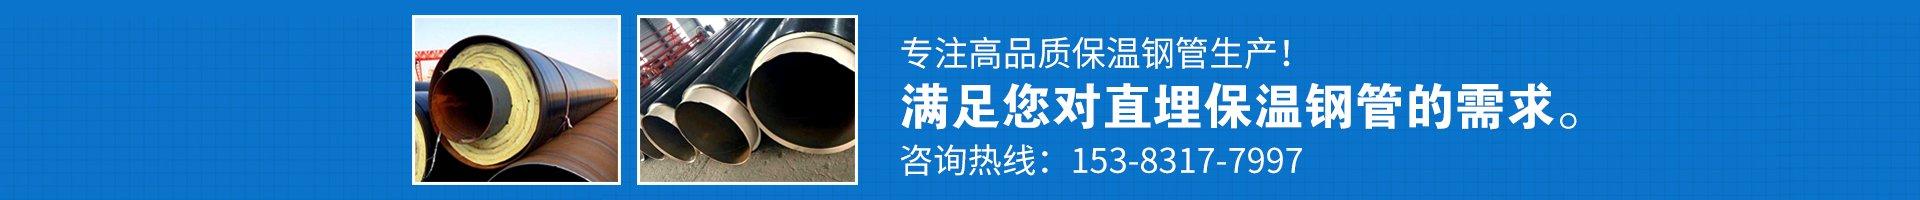 沧州万荣防腐保温管道